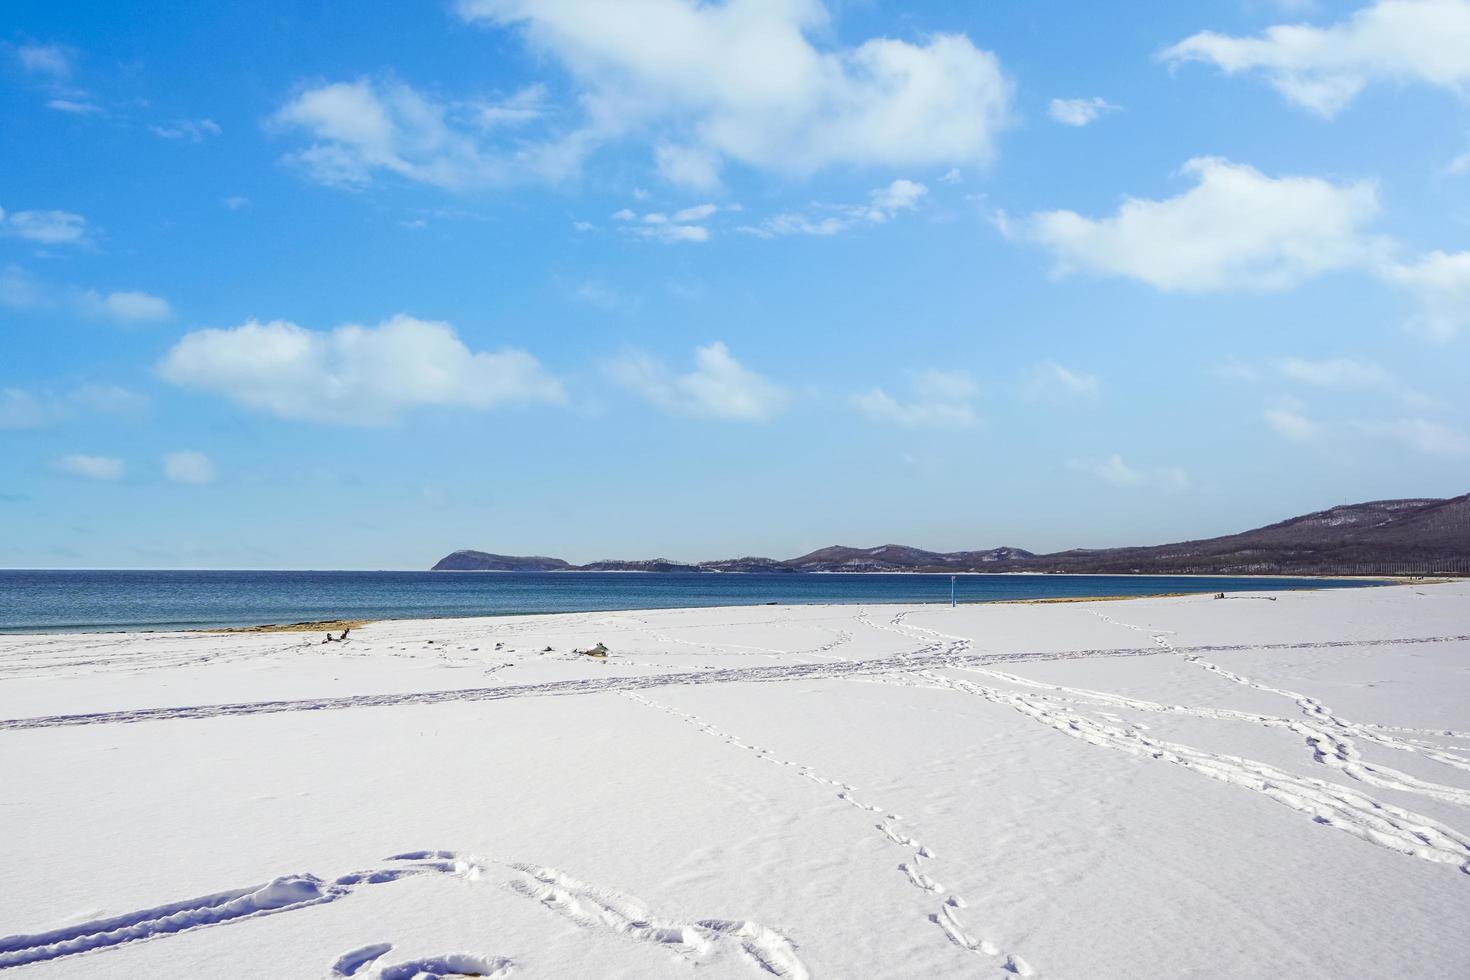 paisagem marinha com praia na neve foto